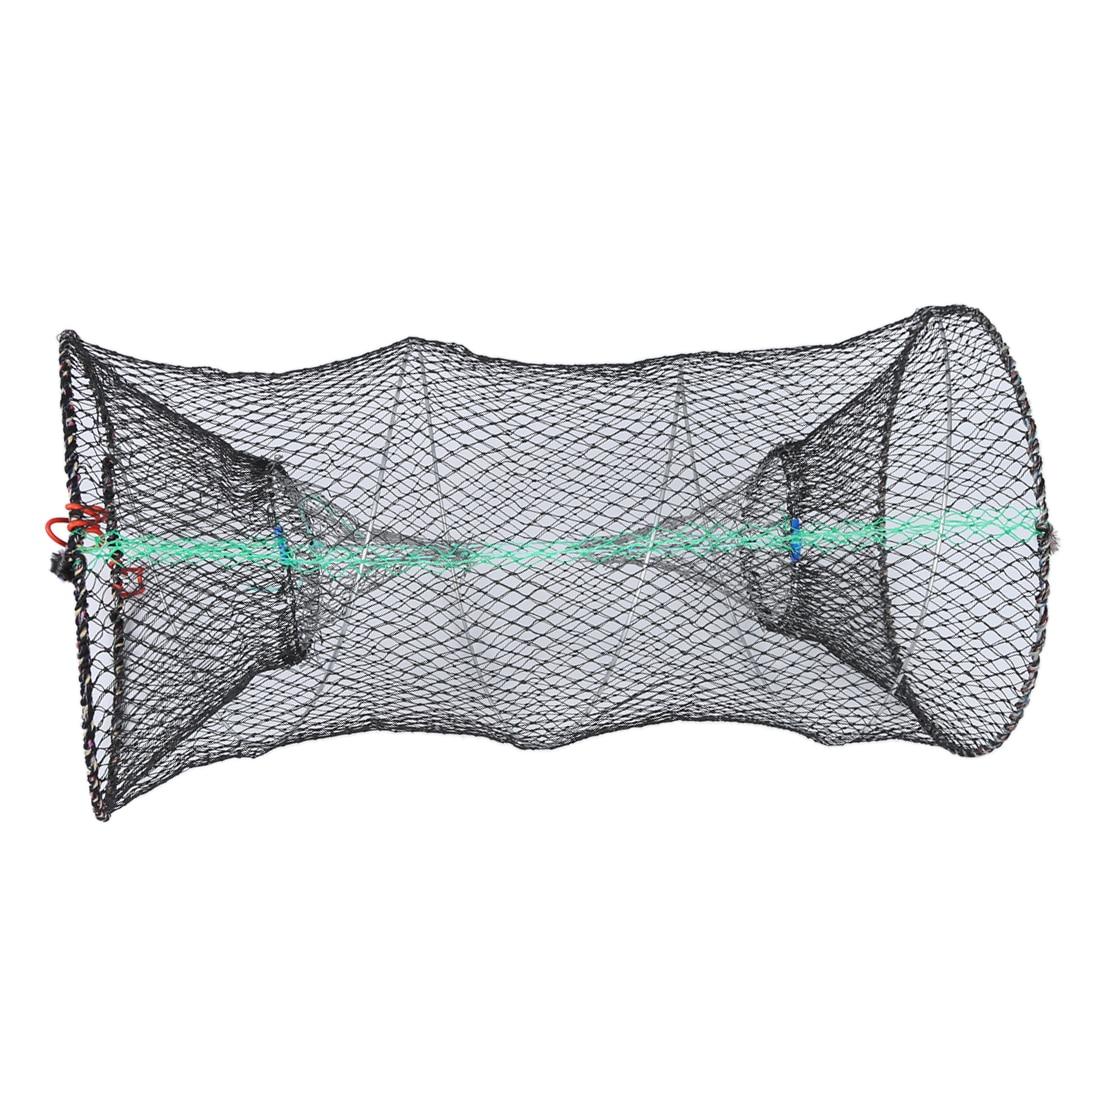 Омар Краб Раки креветки Ловушка клетка рыболовная сеть черный